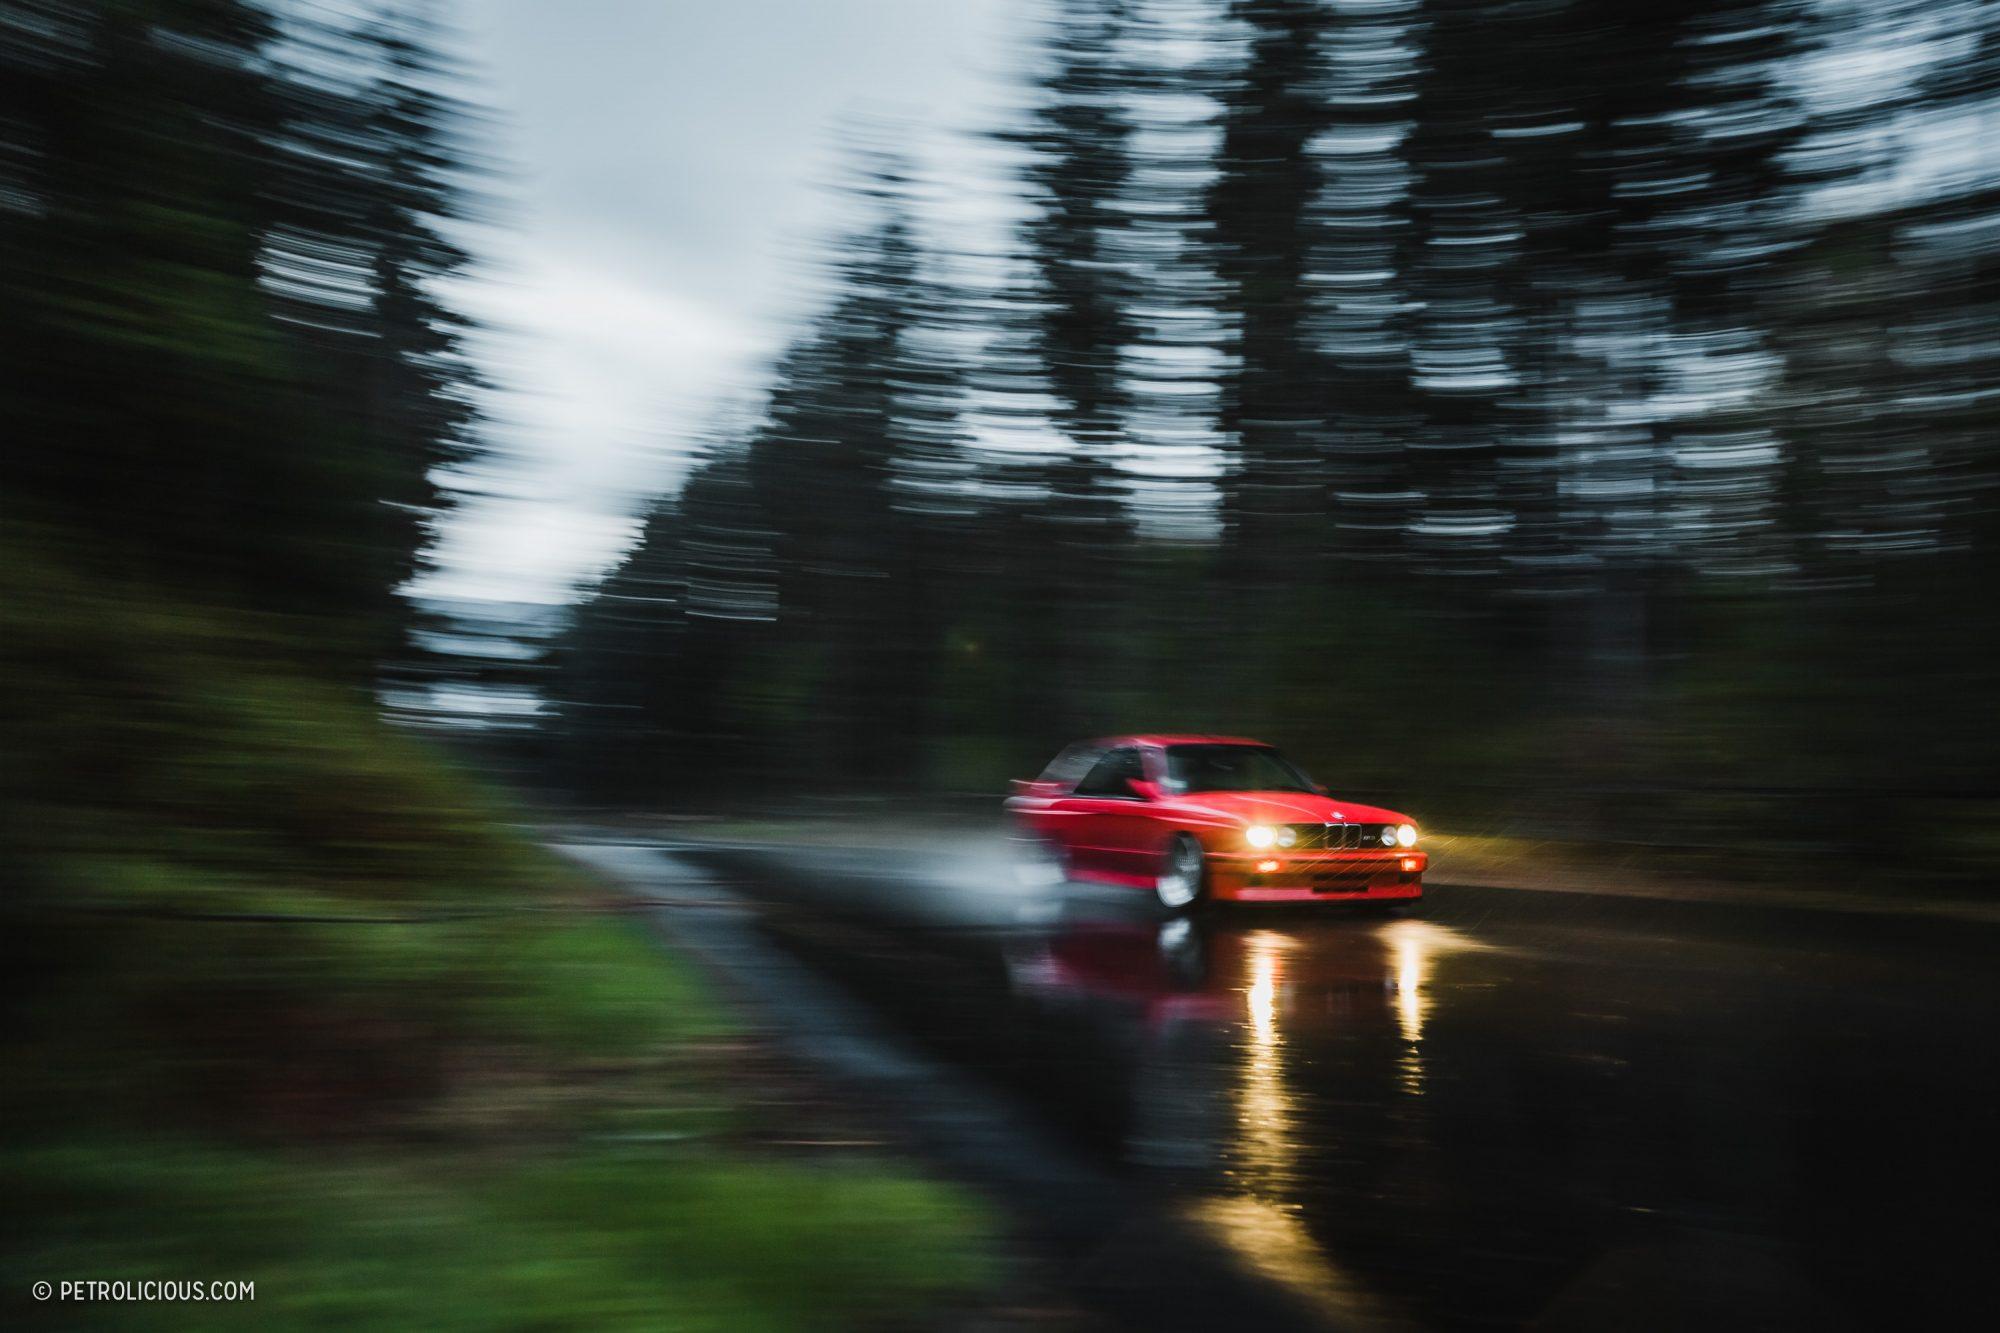 Daniel-Piker-John-Zubarek-Hennarot-BMW-E30-M3-44-2000x1333.jpg